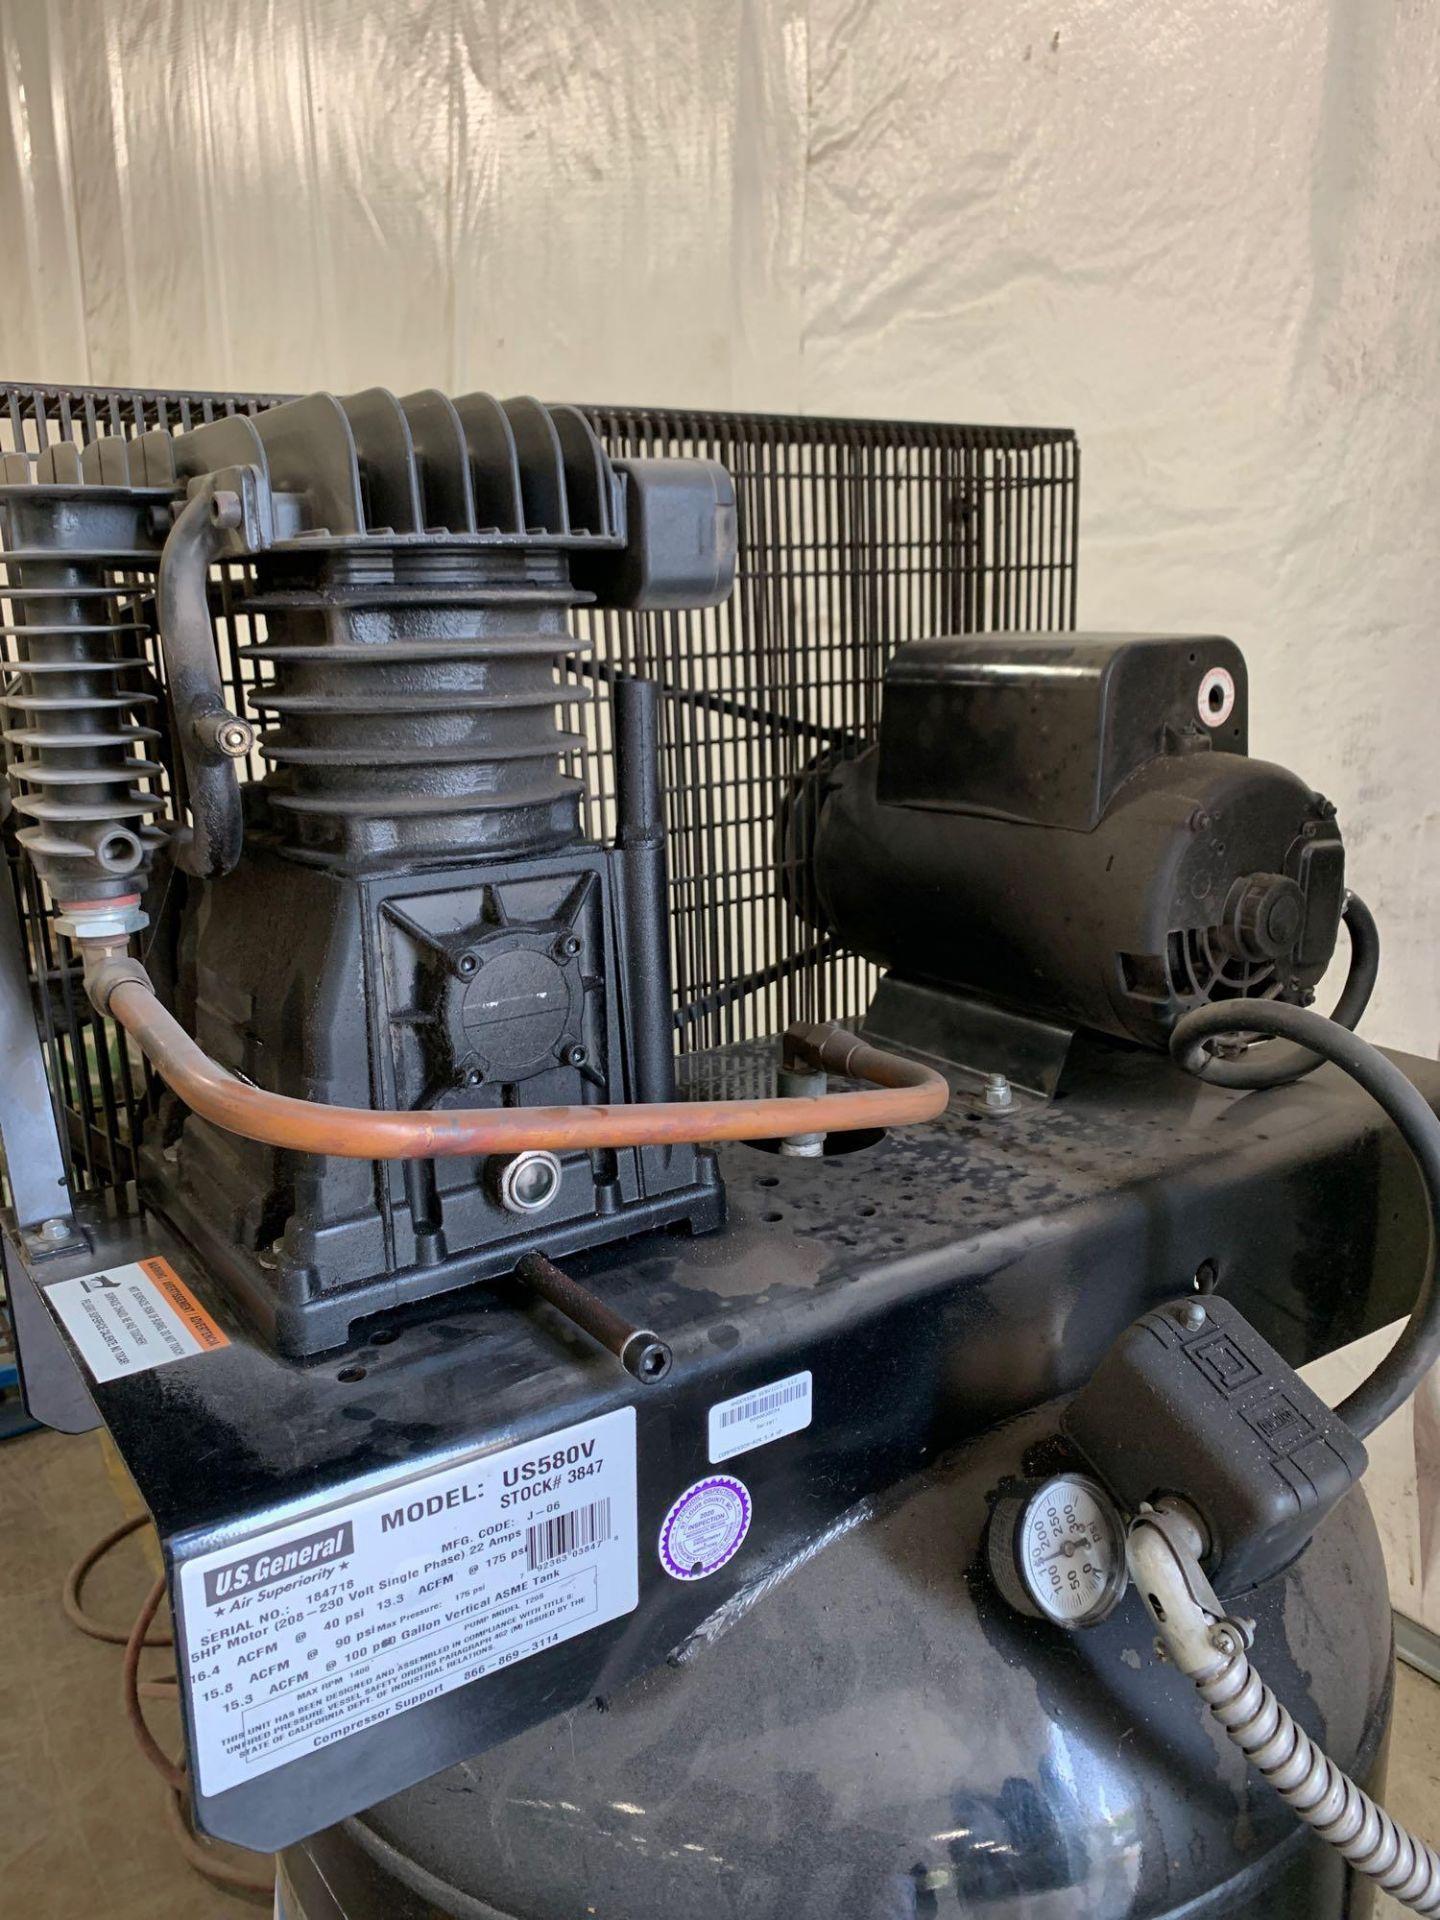 US General 80gal 5HP Air Compressor - Image 4 of 4